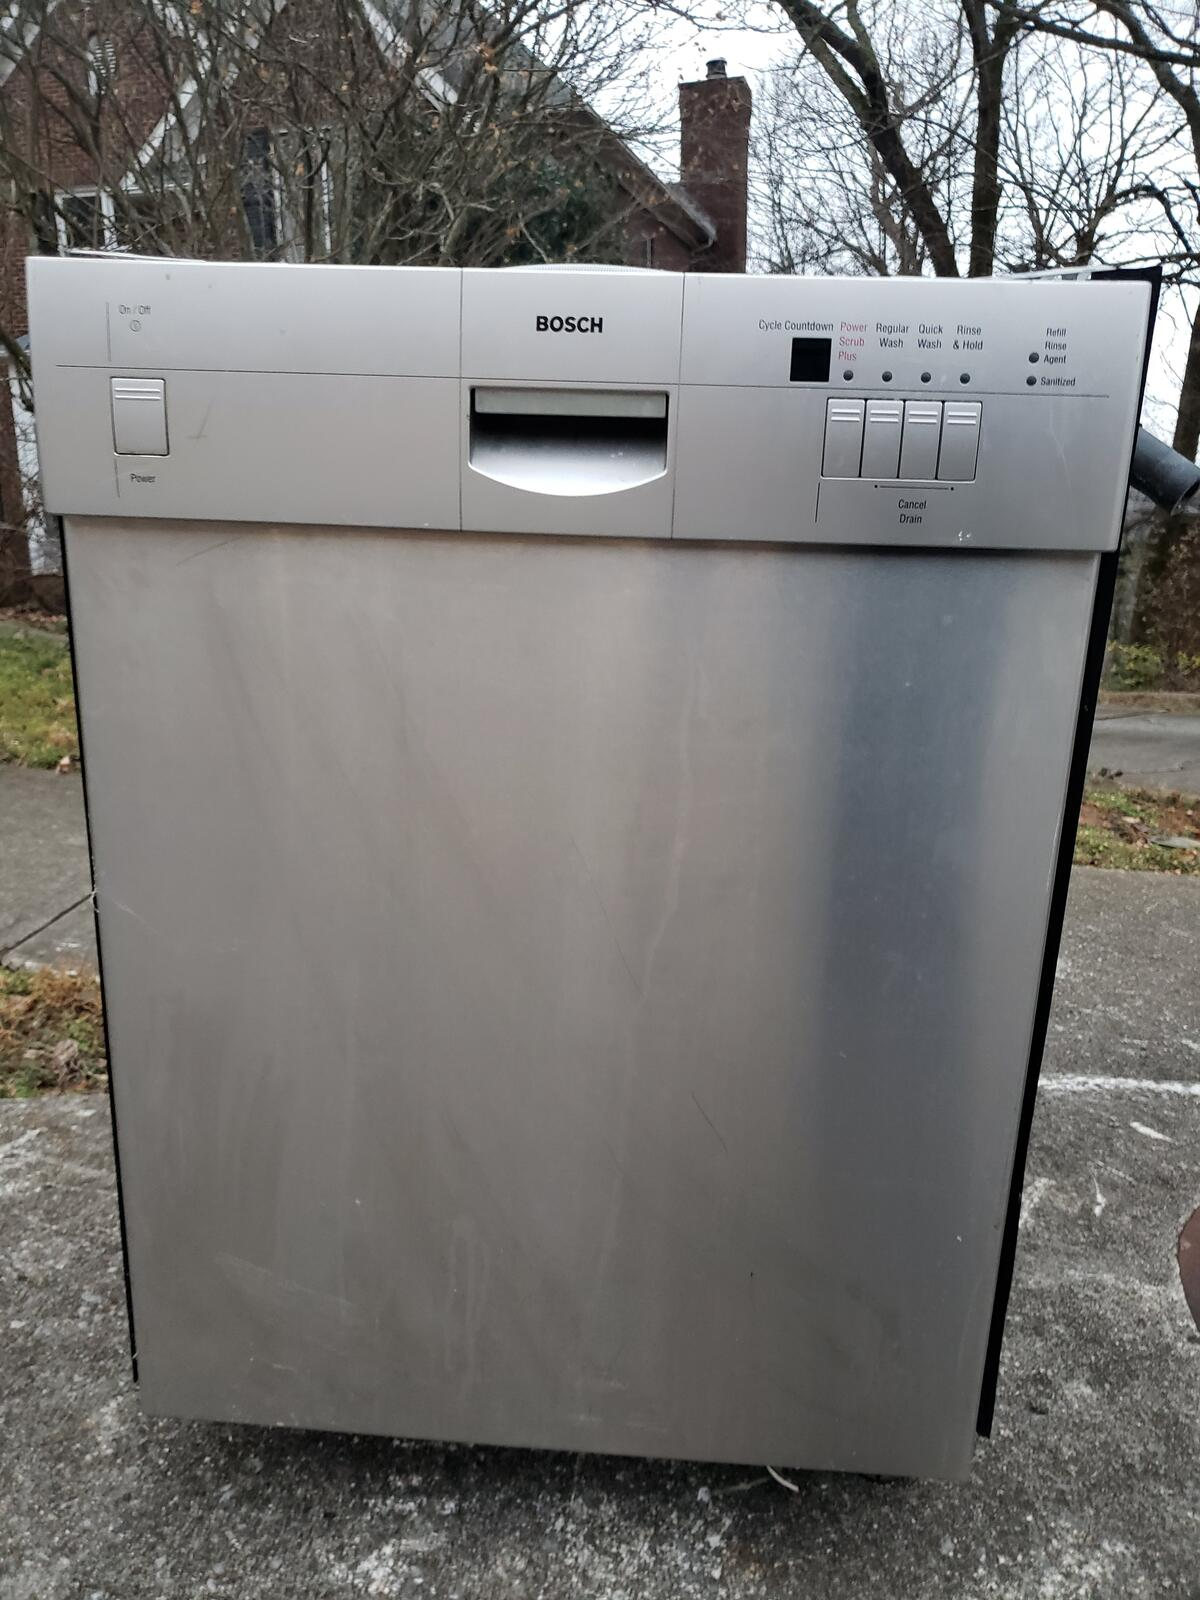 Bosch Dishwasher Free Installation : bosch, dishwasher, installation, Curbside, Bosch, Dishwasher, Nextdoor